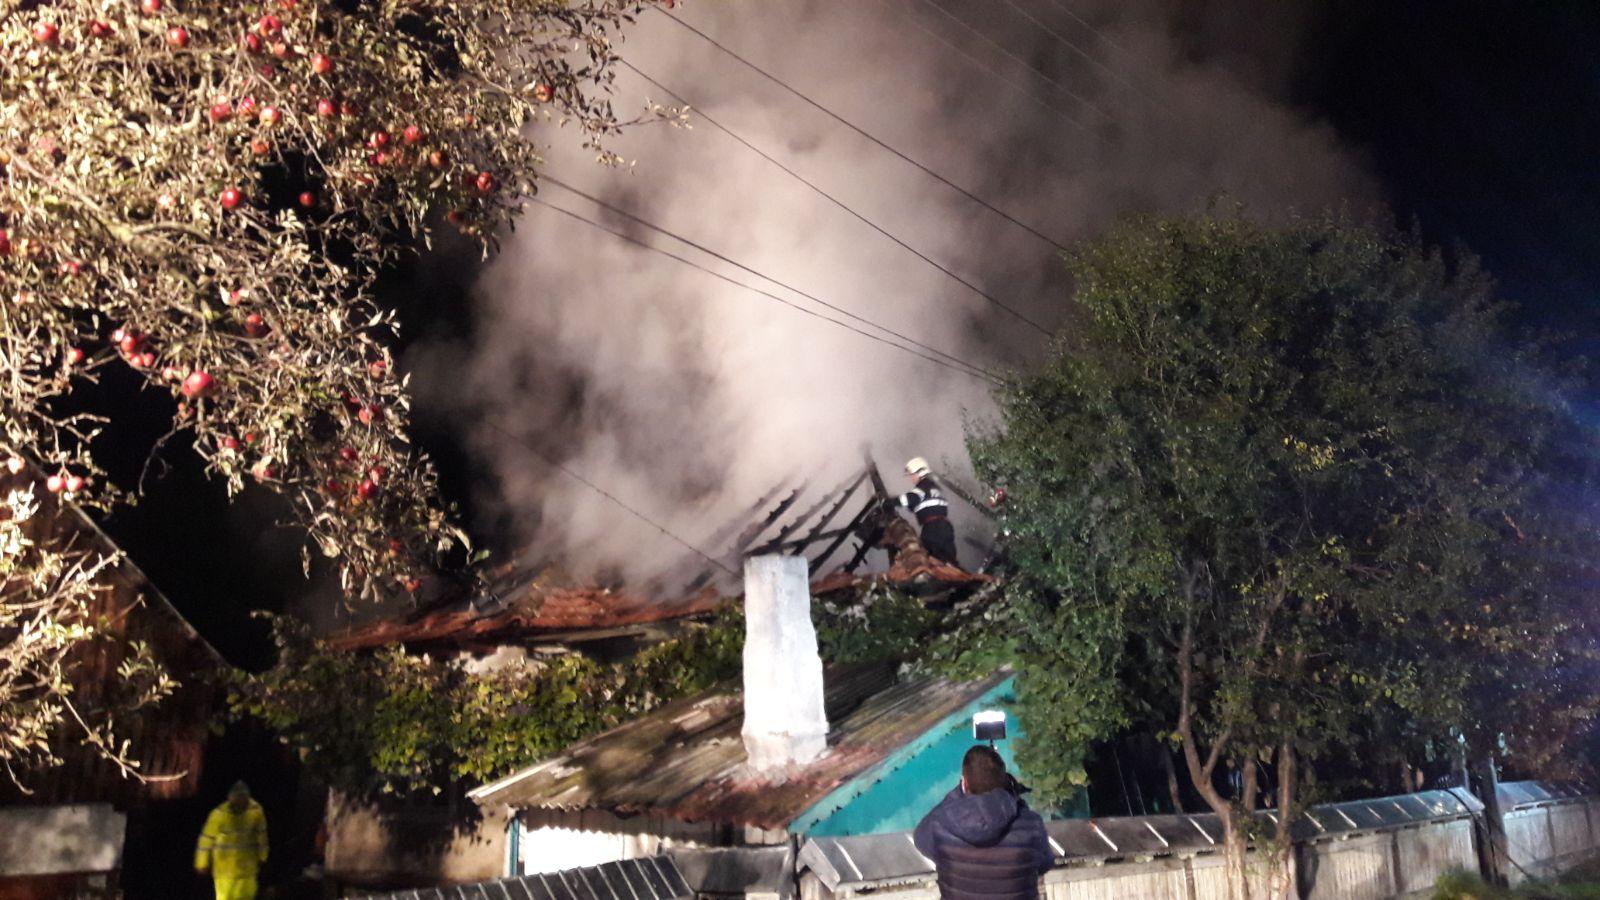 Gospodărie distrusă, după ce i s-a dat foc intenționat